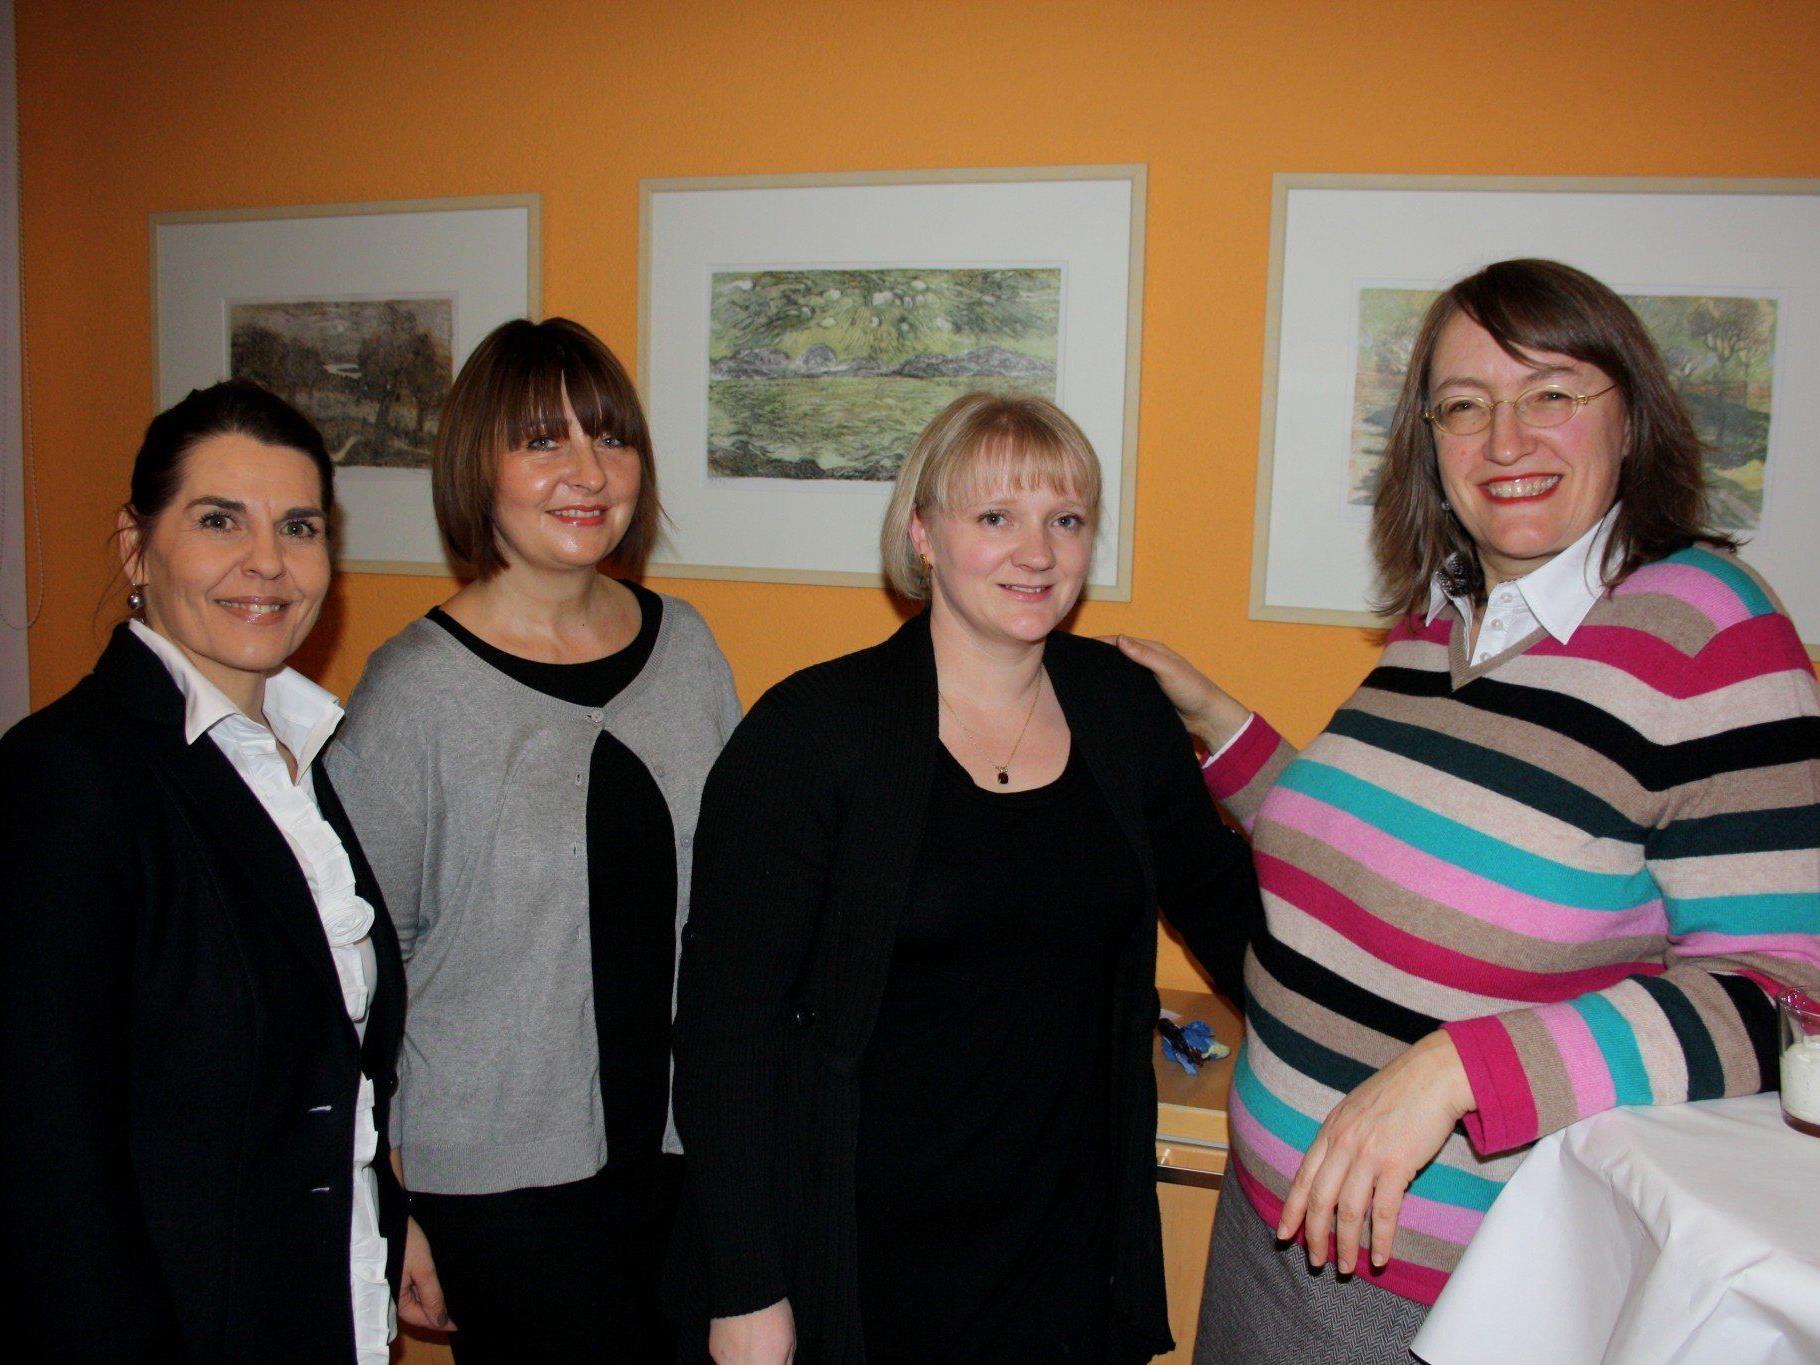 Die neue Ärztin Dr. Sylvia Stuckenberg (rechts) und ihr Team mit Manuela Wackerle, Angelika Stefani und Yvonne Natter.